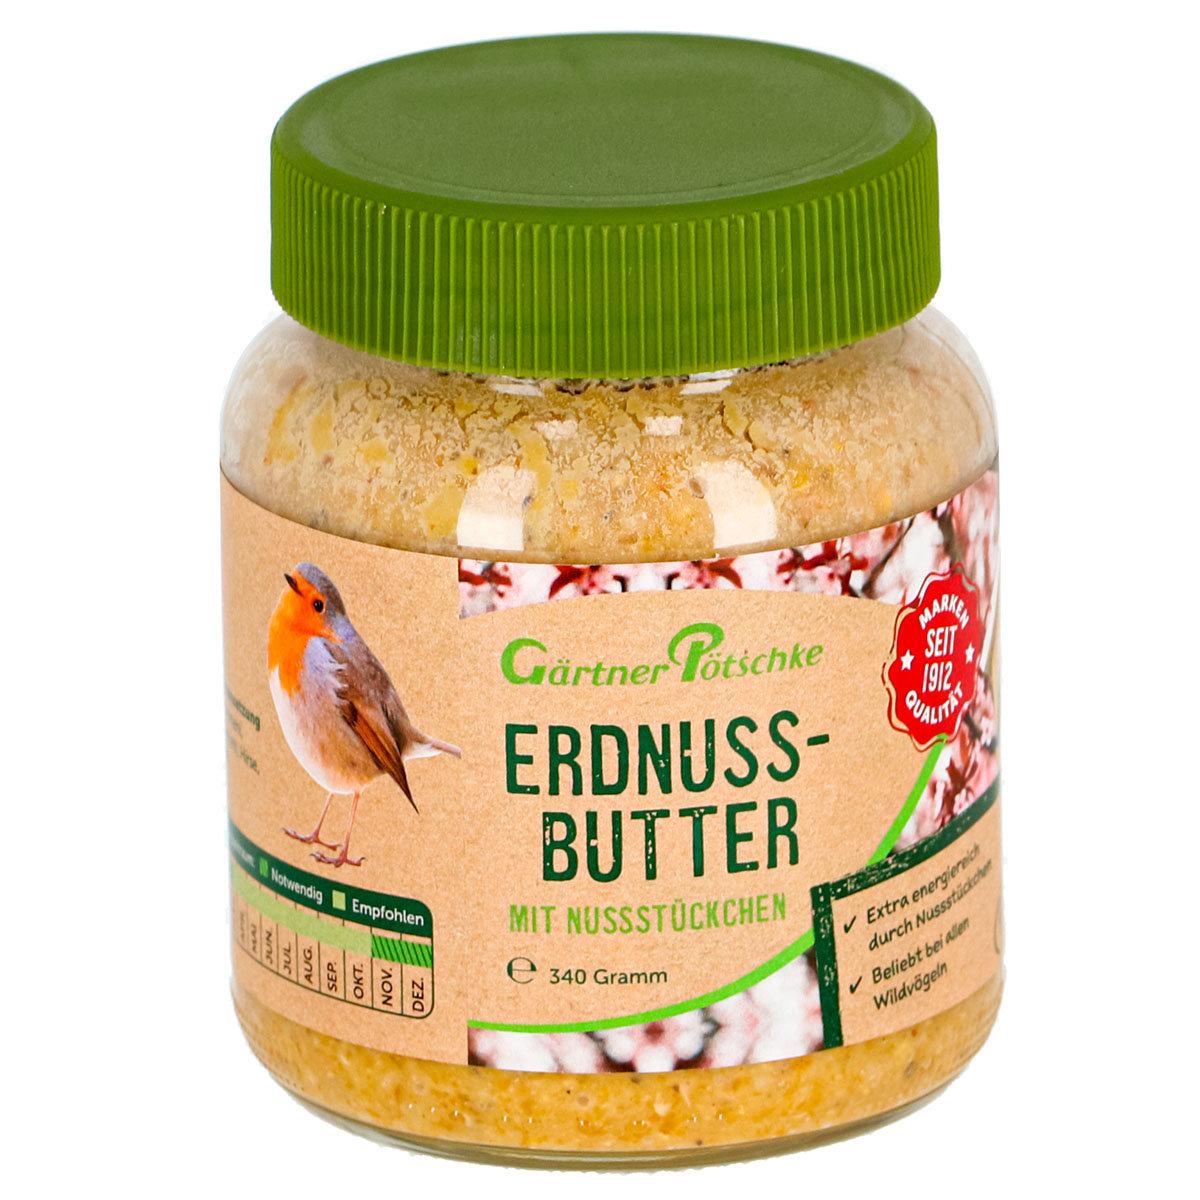 Erdnuss-Butter mit Nüssen, für Wildvögel, im Glas, 340 g